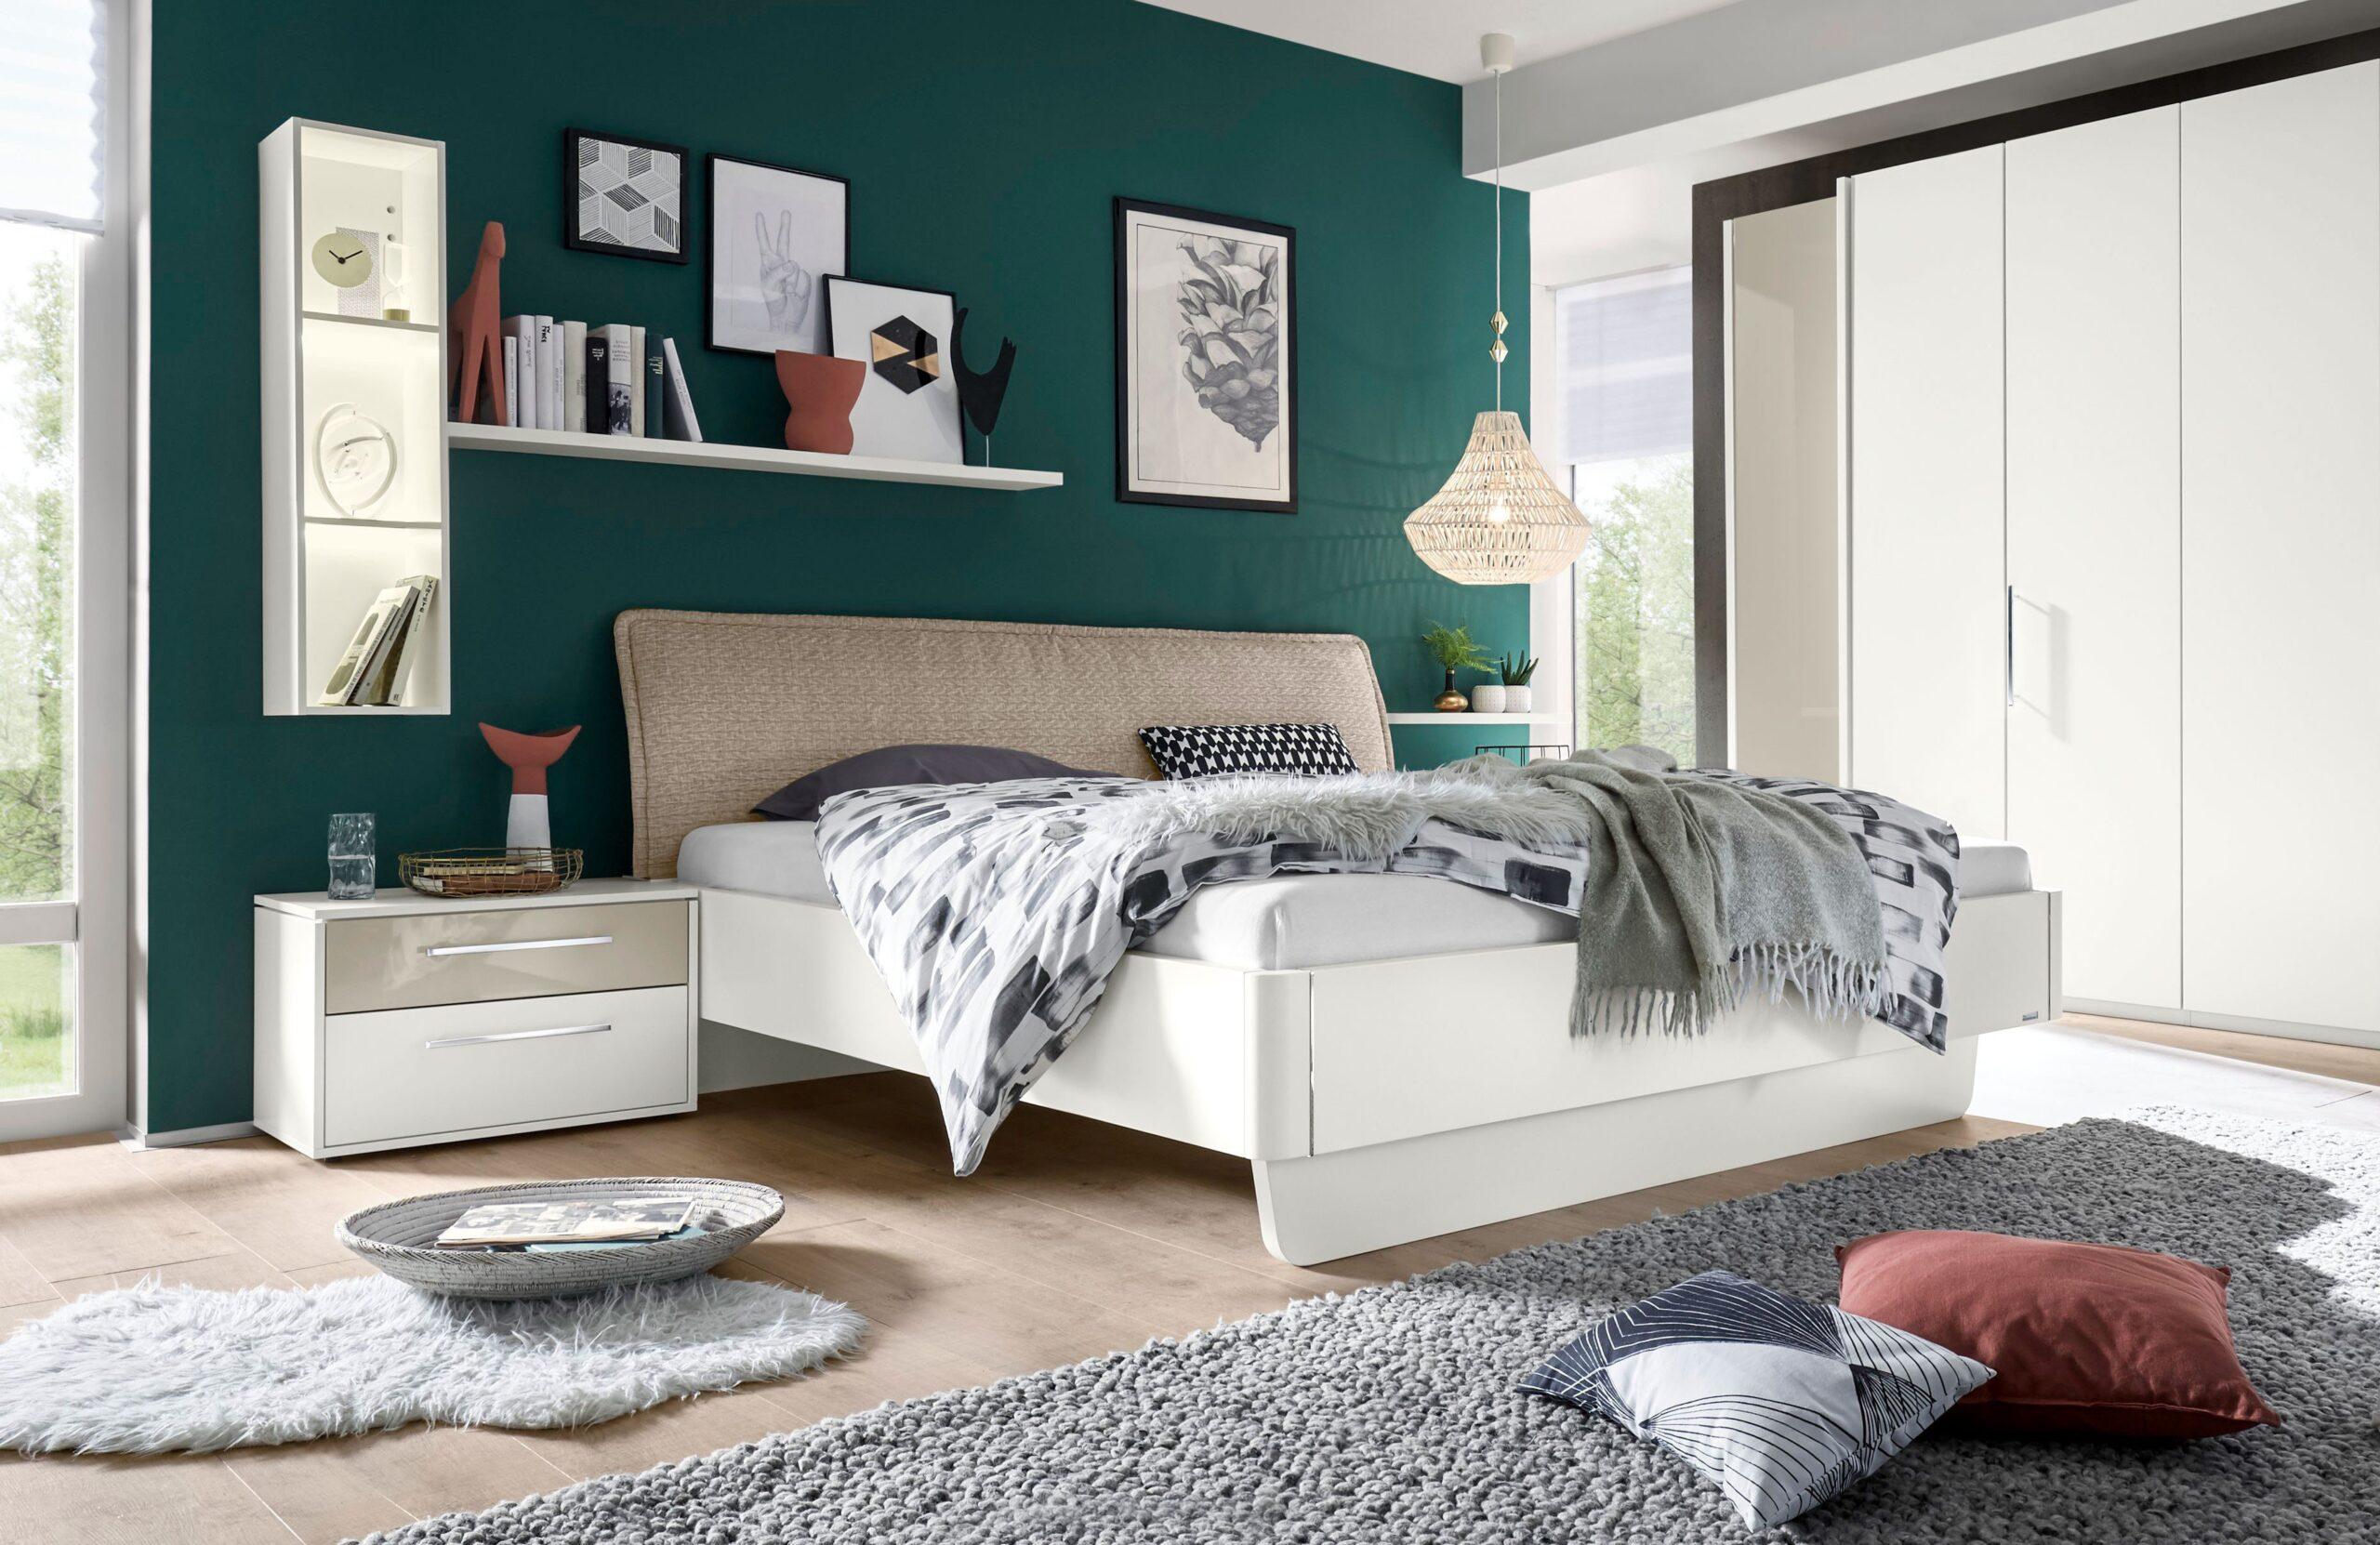 Full Size of Loddenkemper Navaro Bett Schlafzimmer Wohnzimmer Loddenkemper Navaro